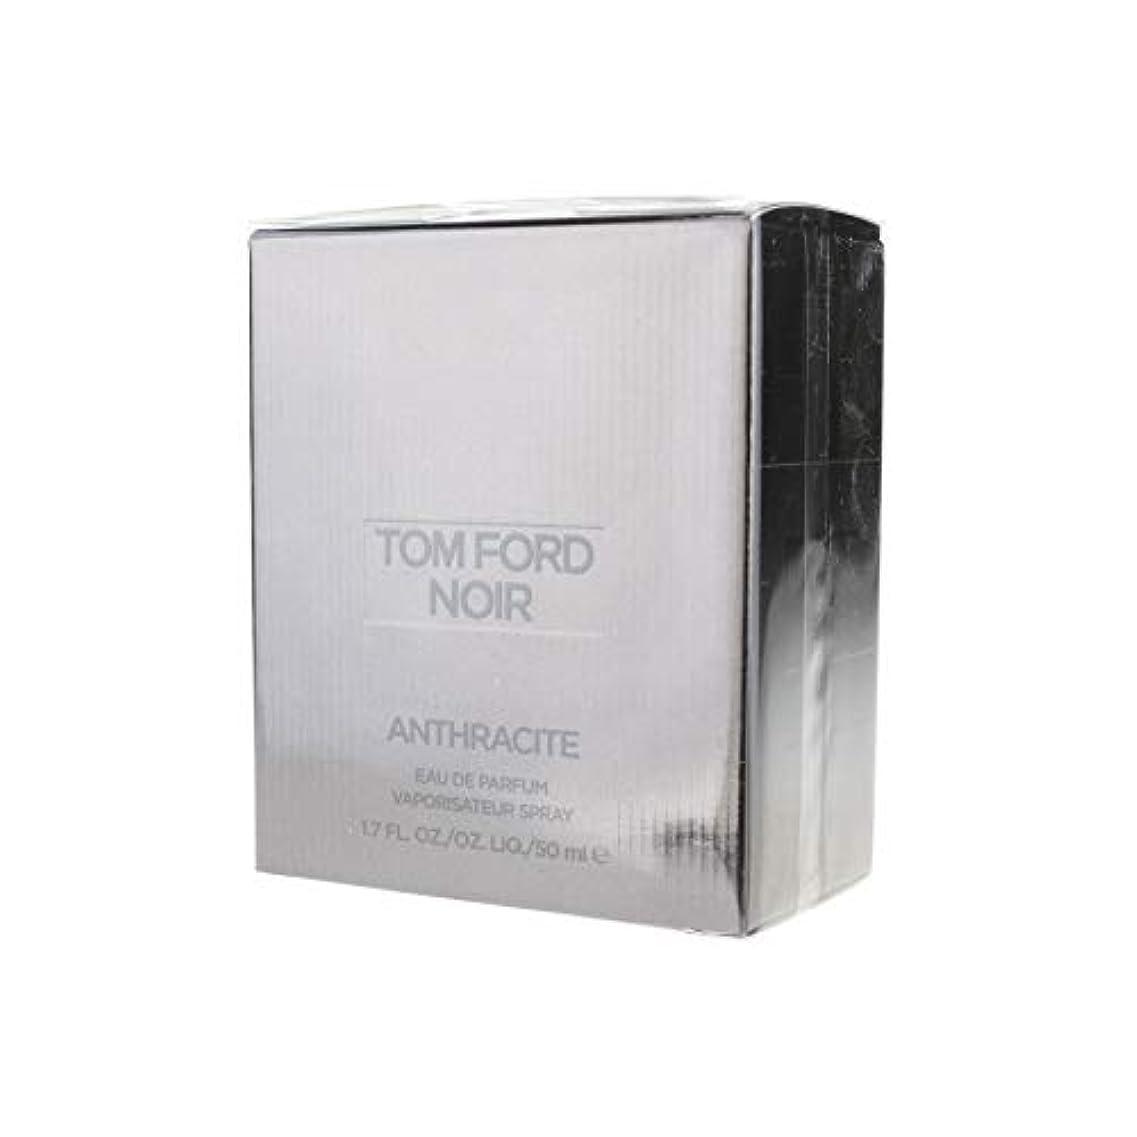 苦情文句たくさんの広範囲にTom Ford Noir Anthracite (トムフォード ノワール アンソラシット) 1.7 oz (50ml) EDP Spray for Men